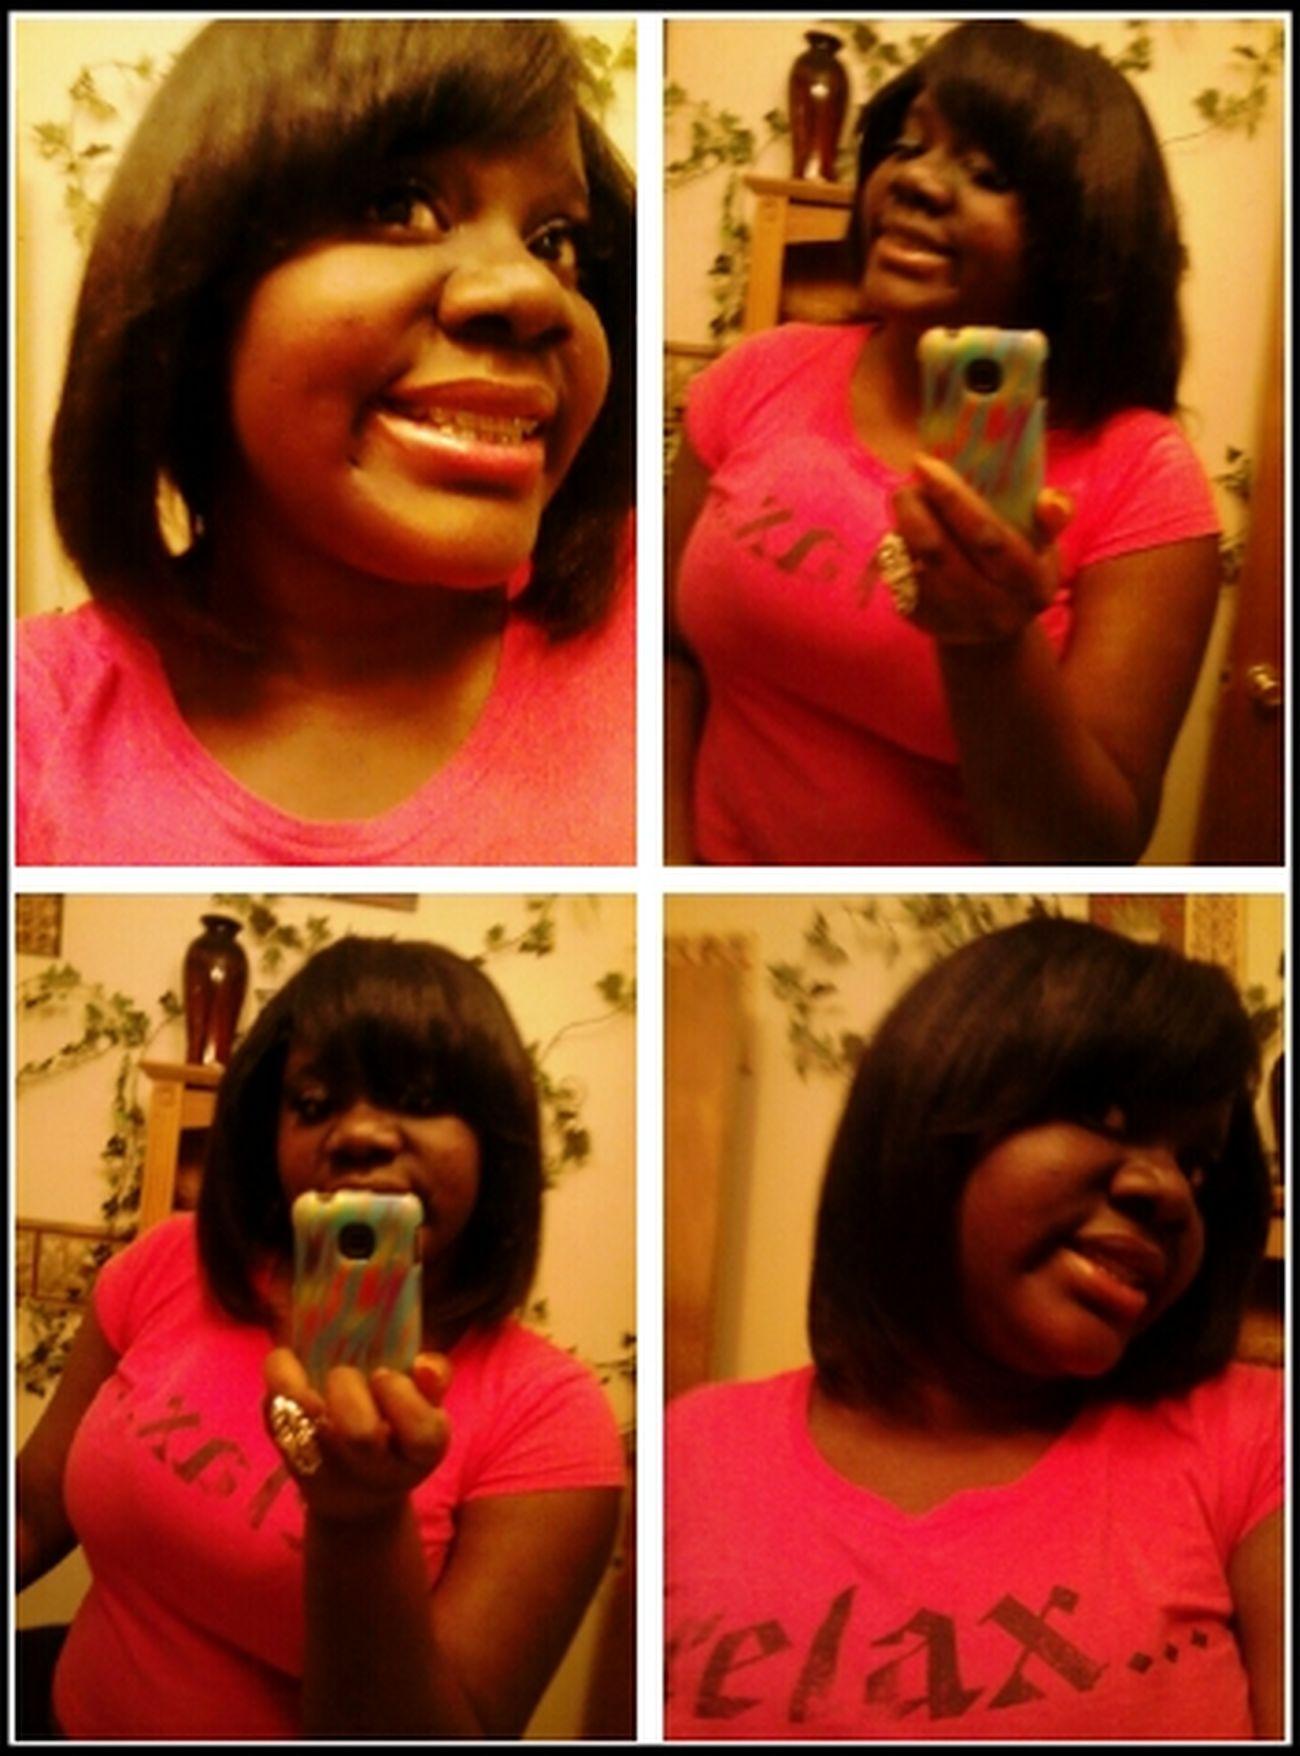 Dnt Let Disz Pretty Smile Fool Yu!!!